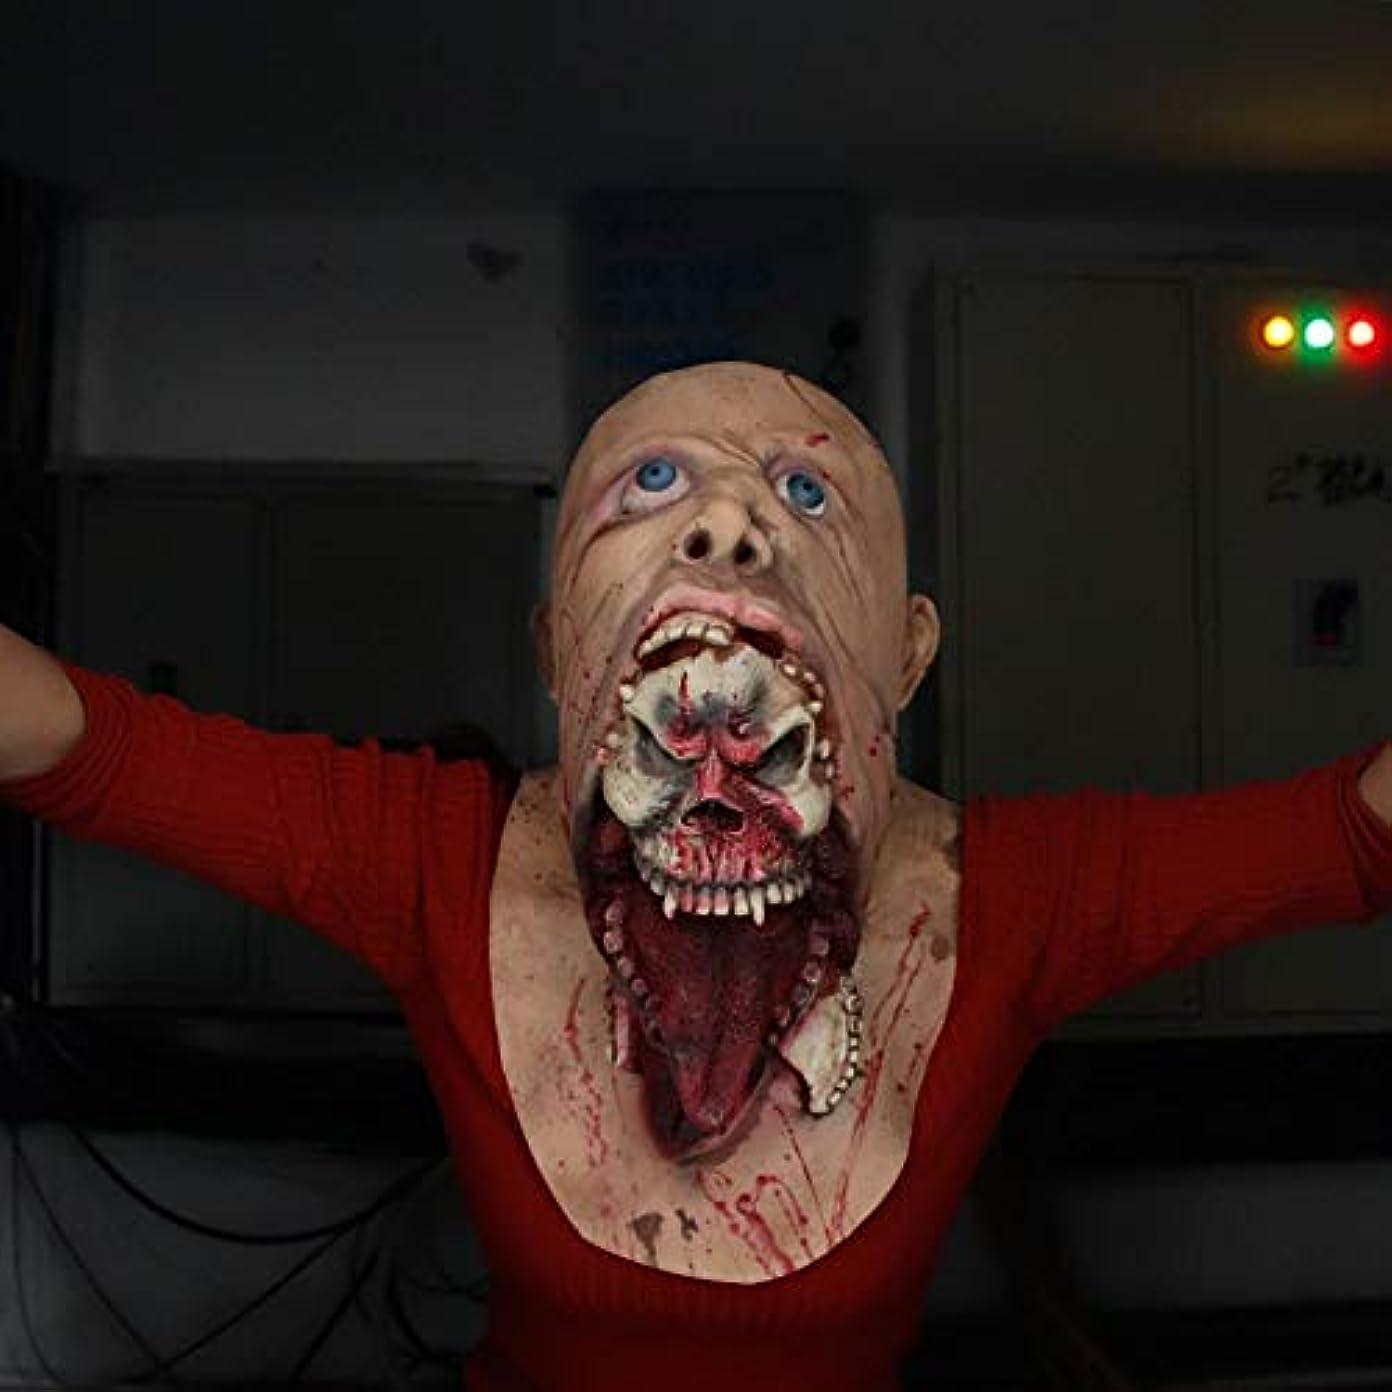 ラテックスゾンビハロウィーンマスク、怖い寄生虫マスク、怖い残酷なラテックスマスク